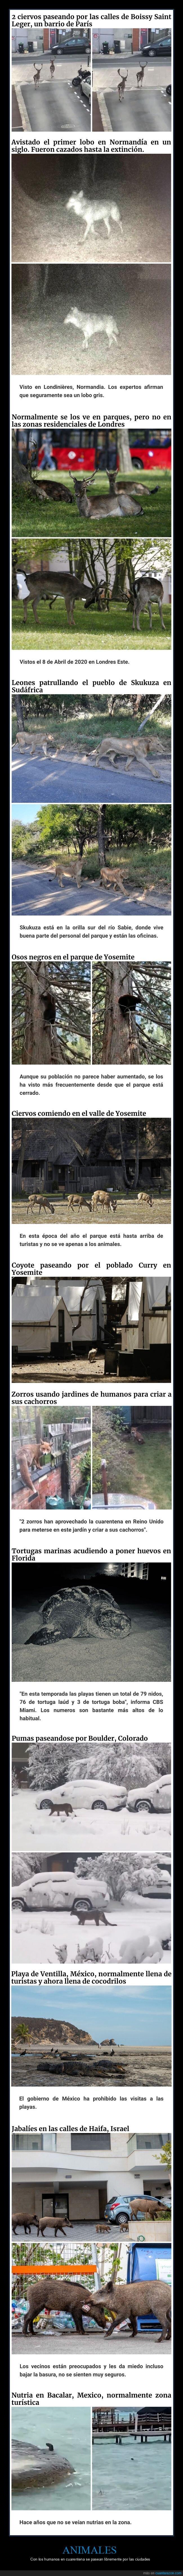 animales,coronavirus,cuarentena,humanos